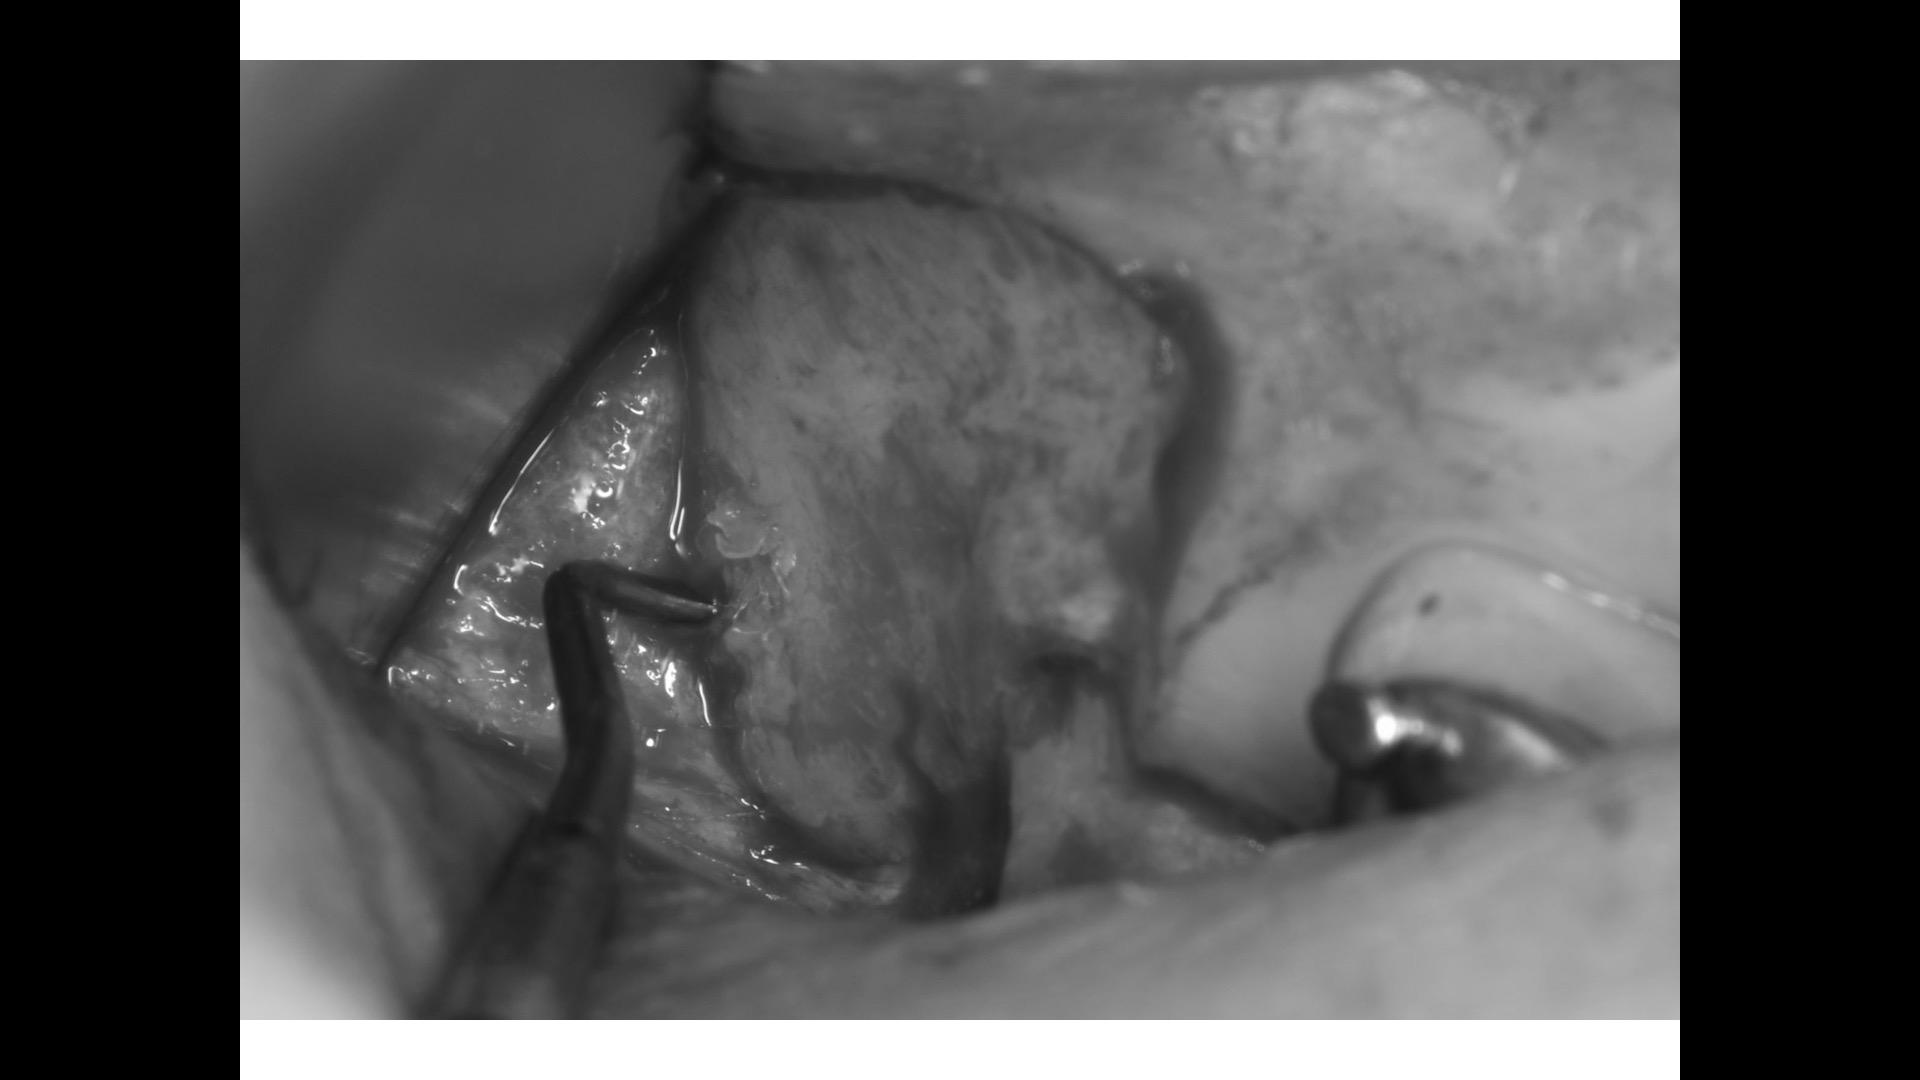 親知らず 抜歯 上の親知らず 横向き 上顎洞